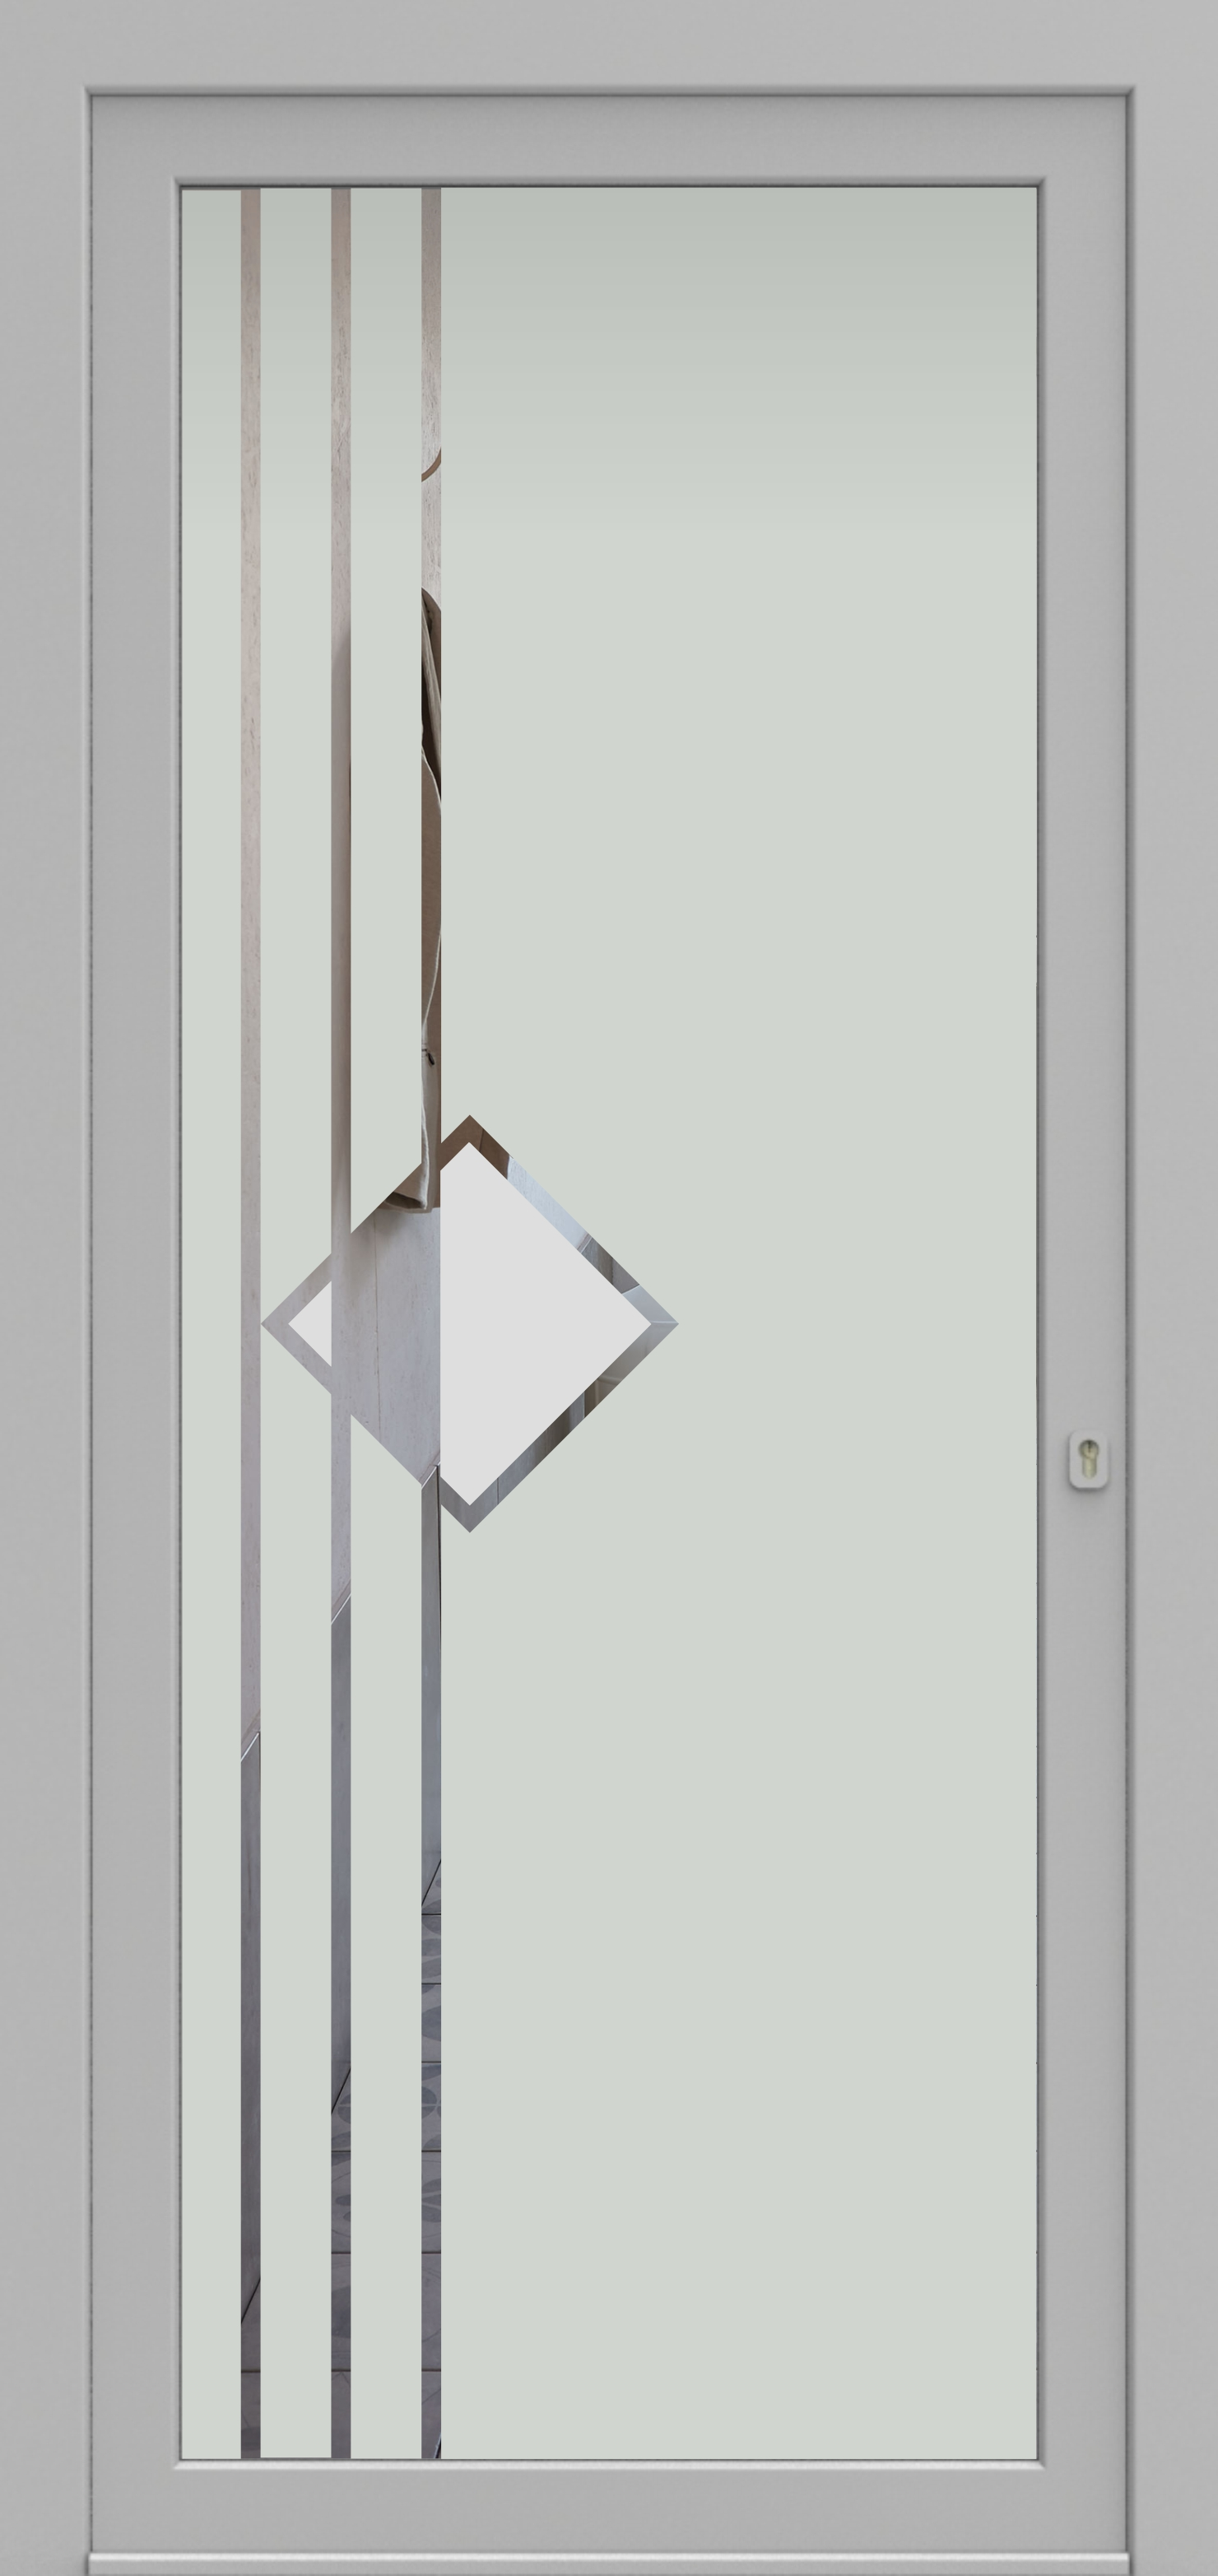 Porte d'entrée DECOVER 3/06 de la gamme Decover posée par les établissements CELEREAU à Roncq